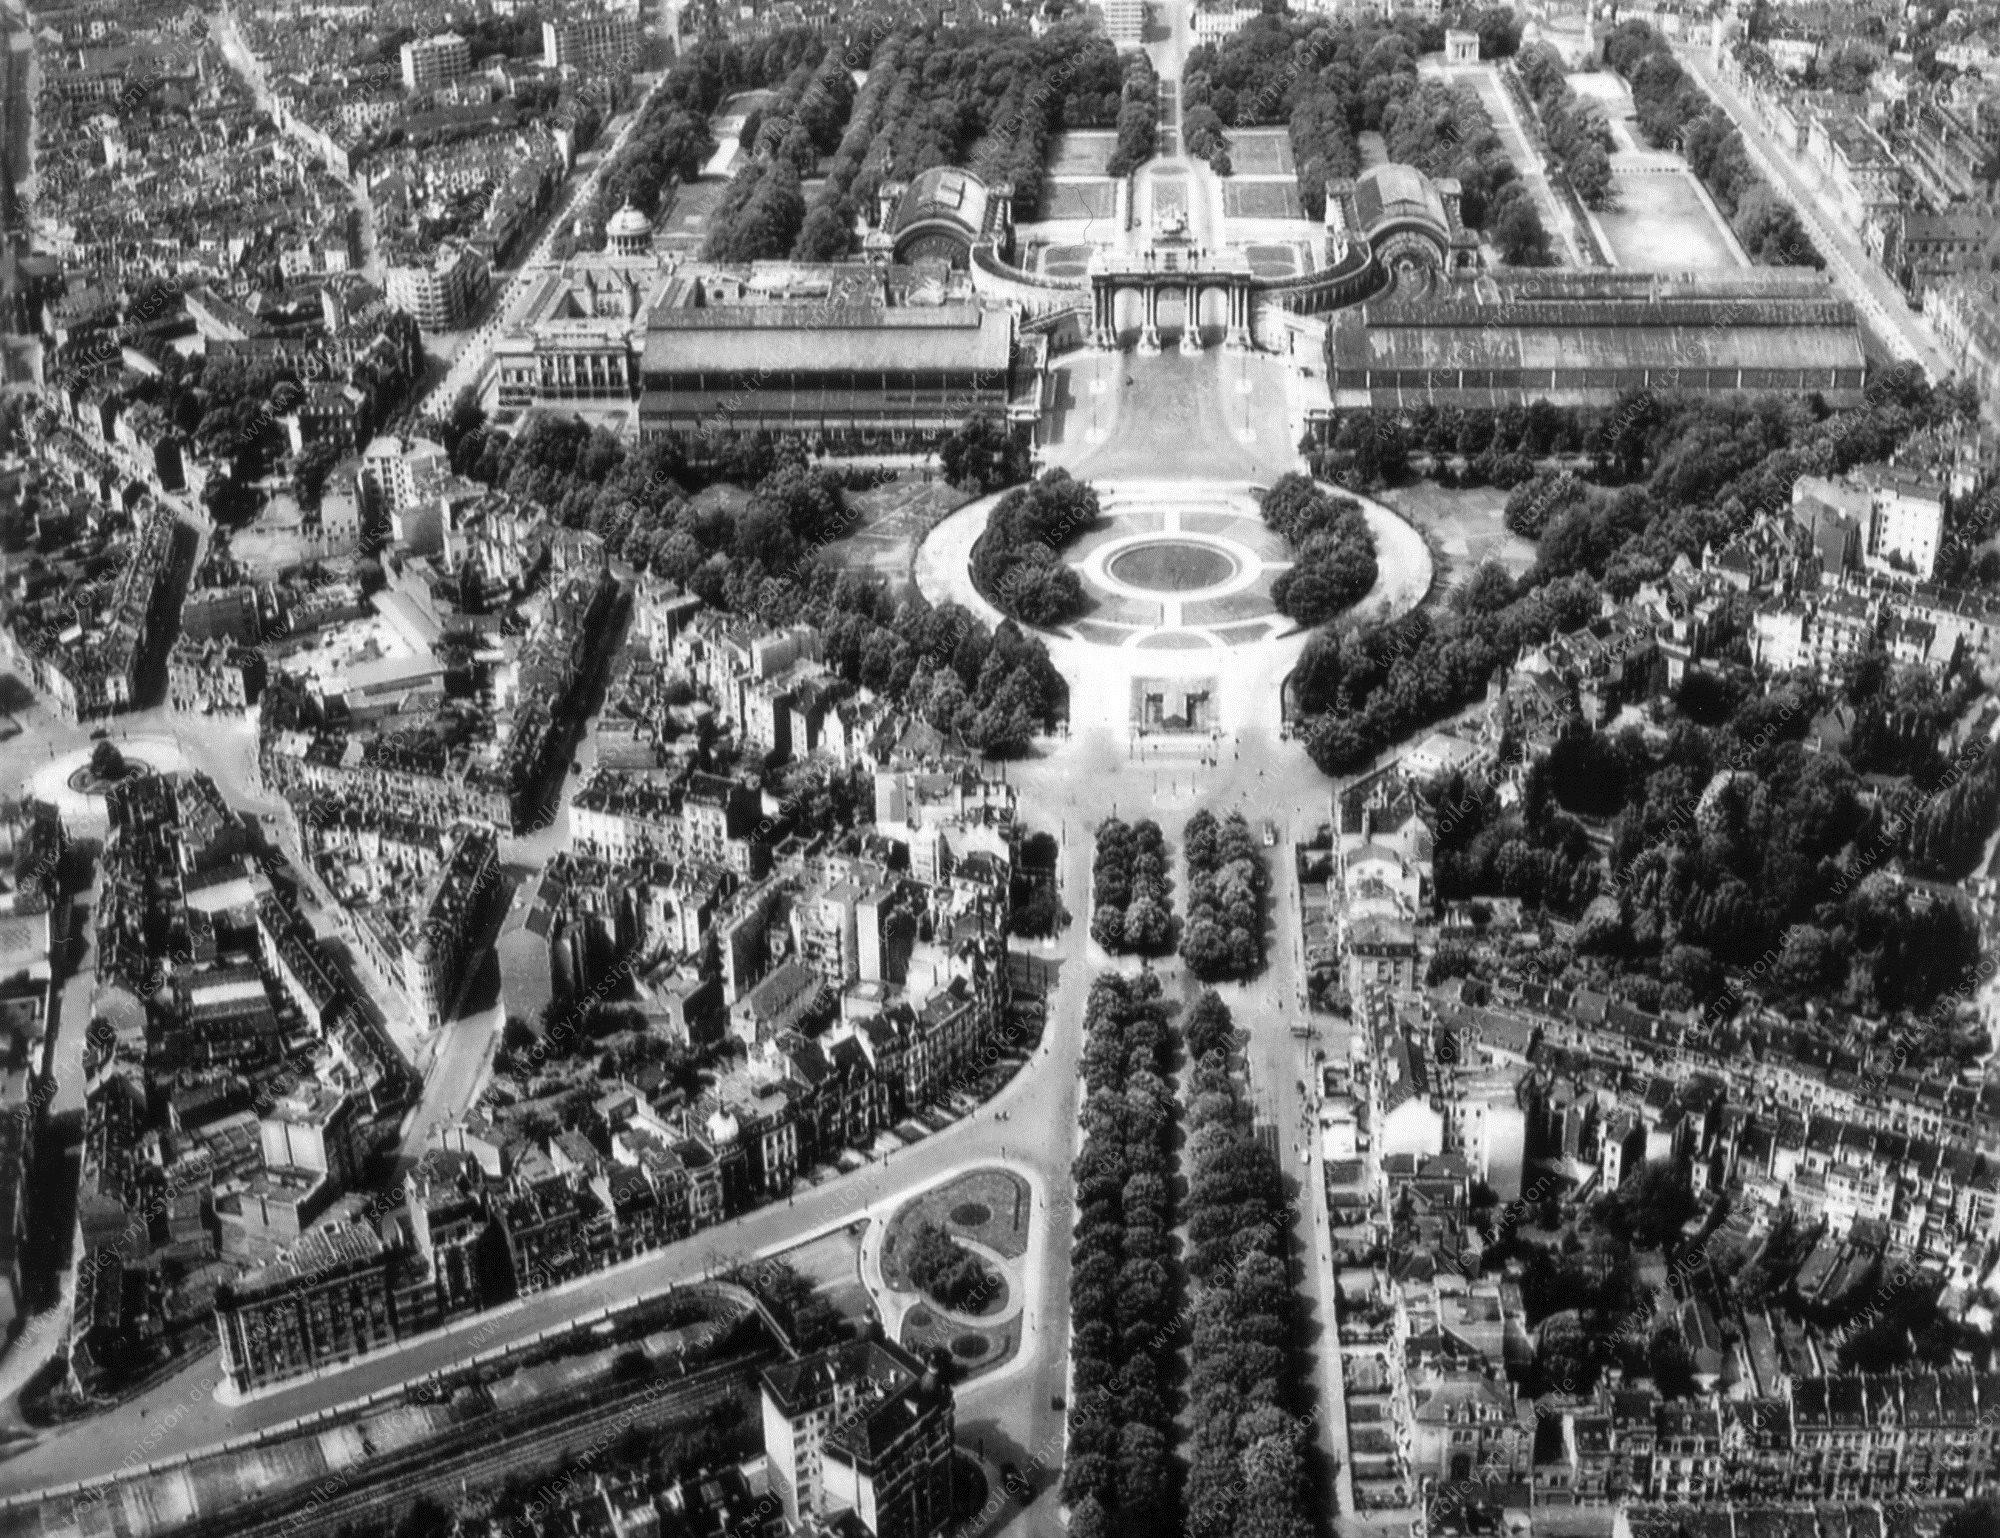 Luftbild von Brüssel im Weltkrieg - Jubelpark bzw. Park des 50-jährigen Jahrestages oder Parc du Cinquantenaire (Belgien)